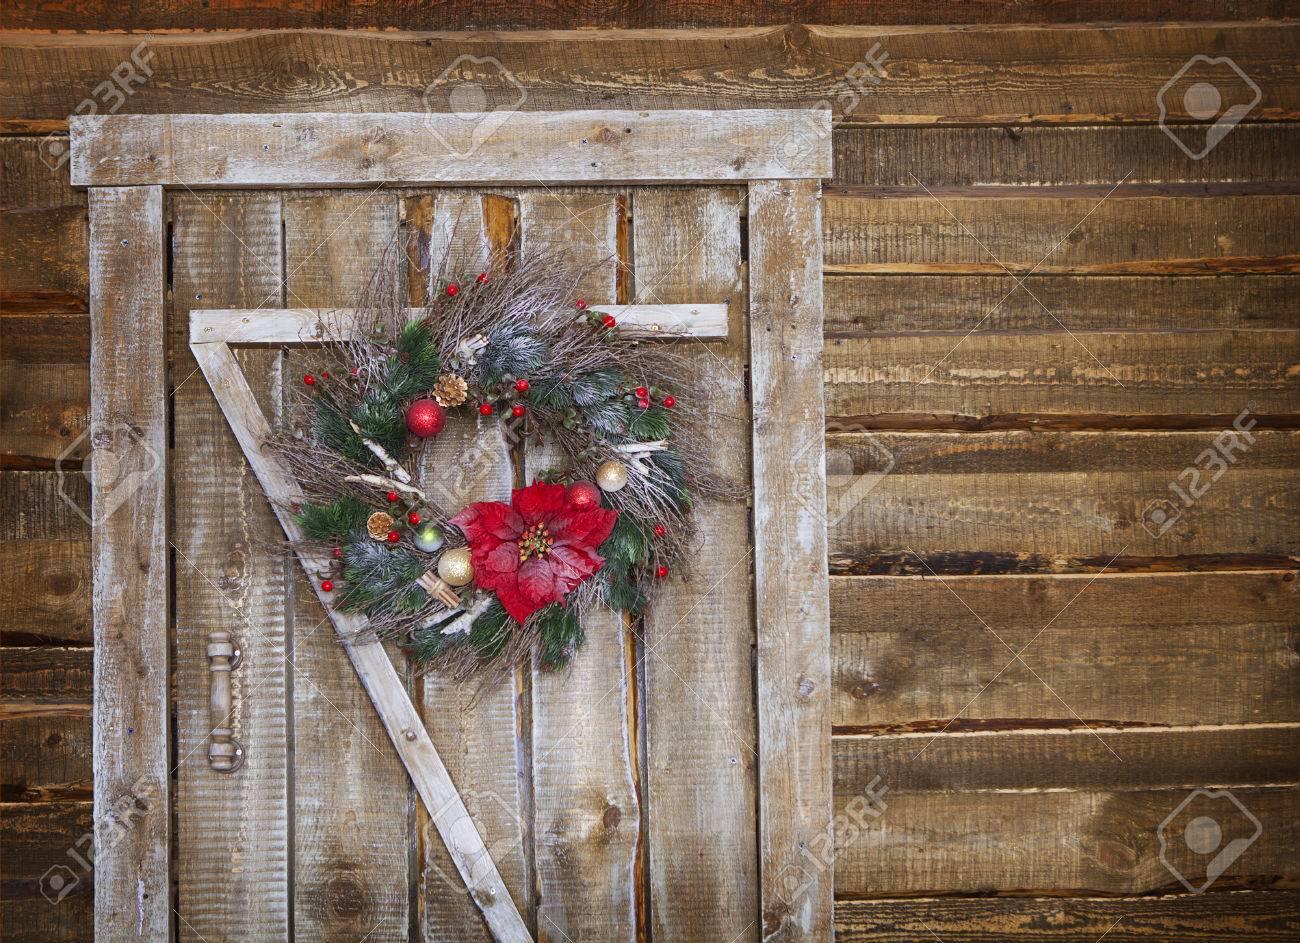 Christmas wreath on a rustic wooden front door - 47008384